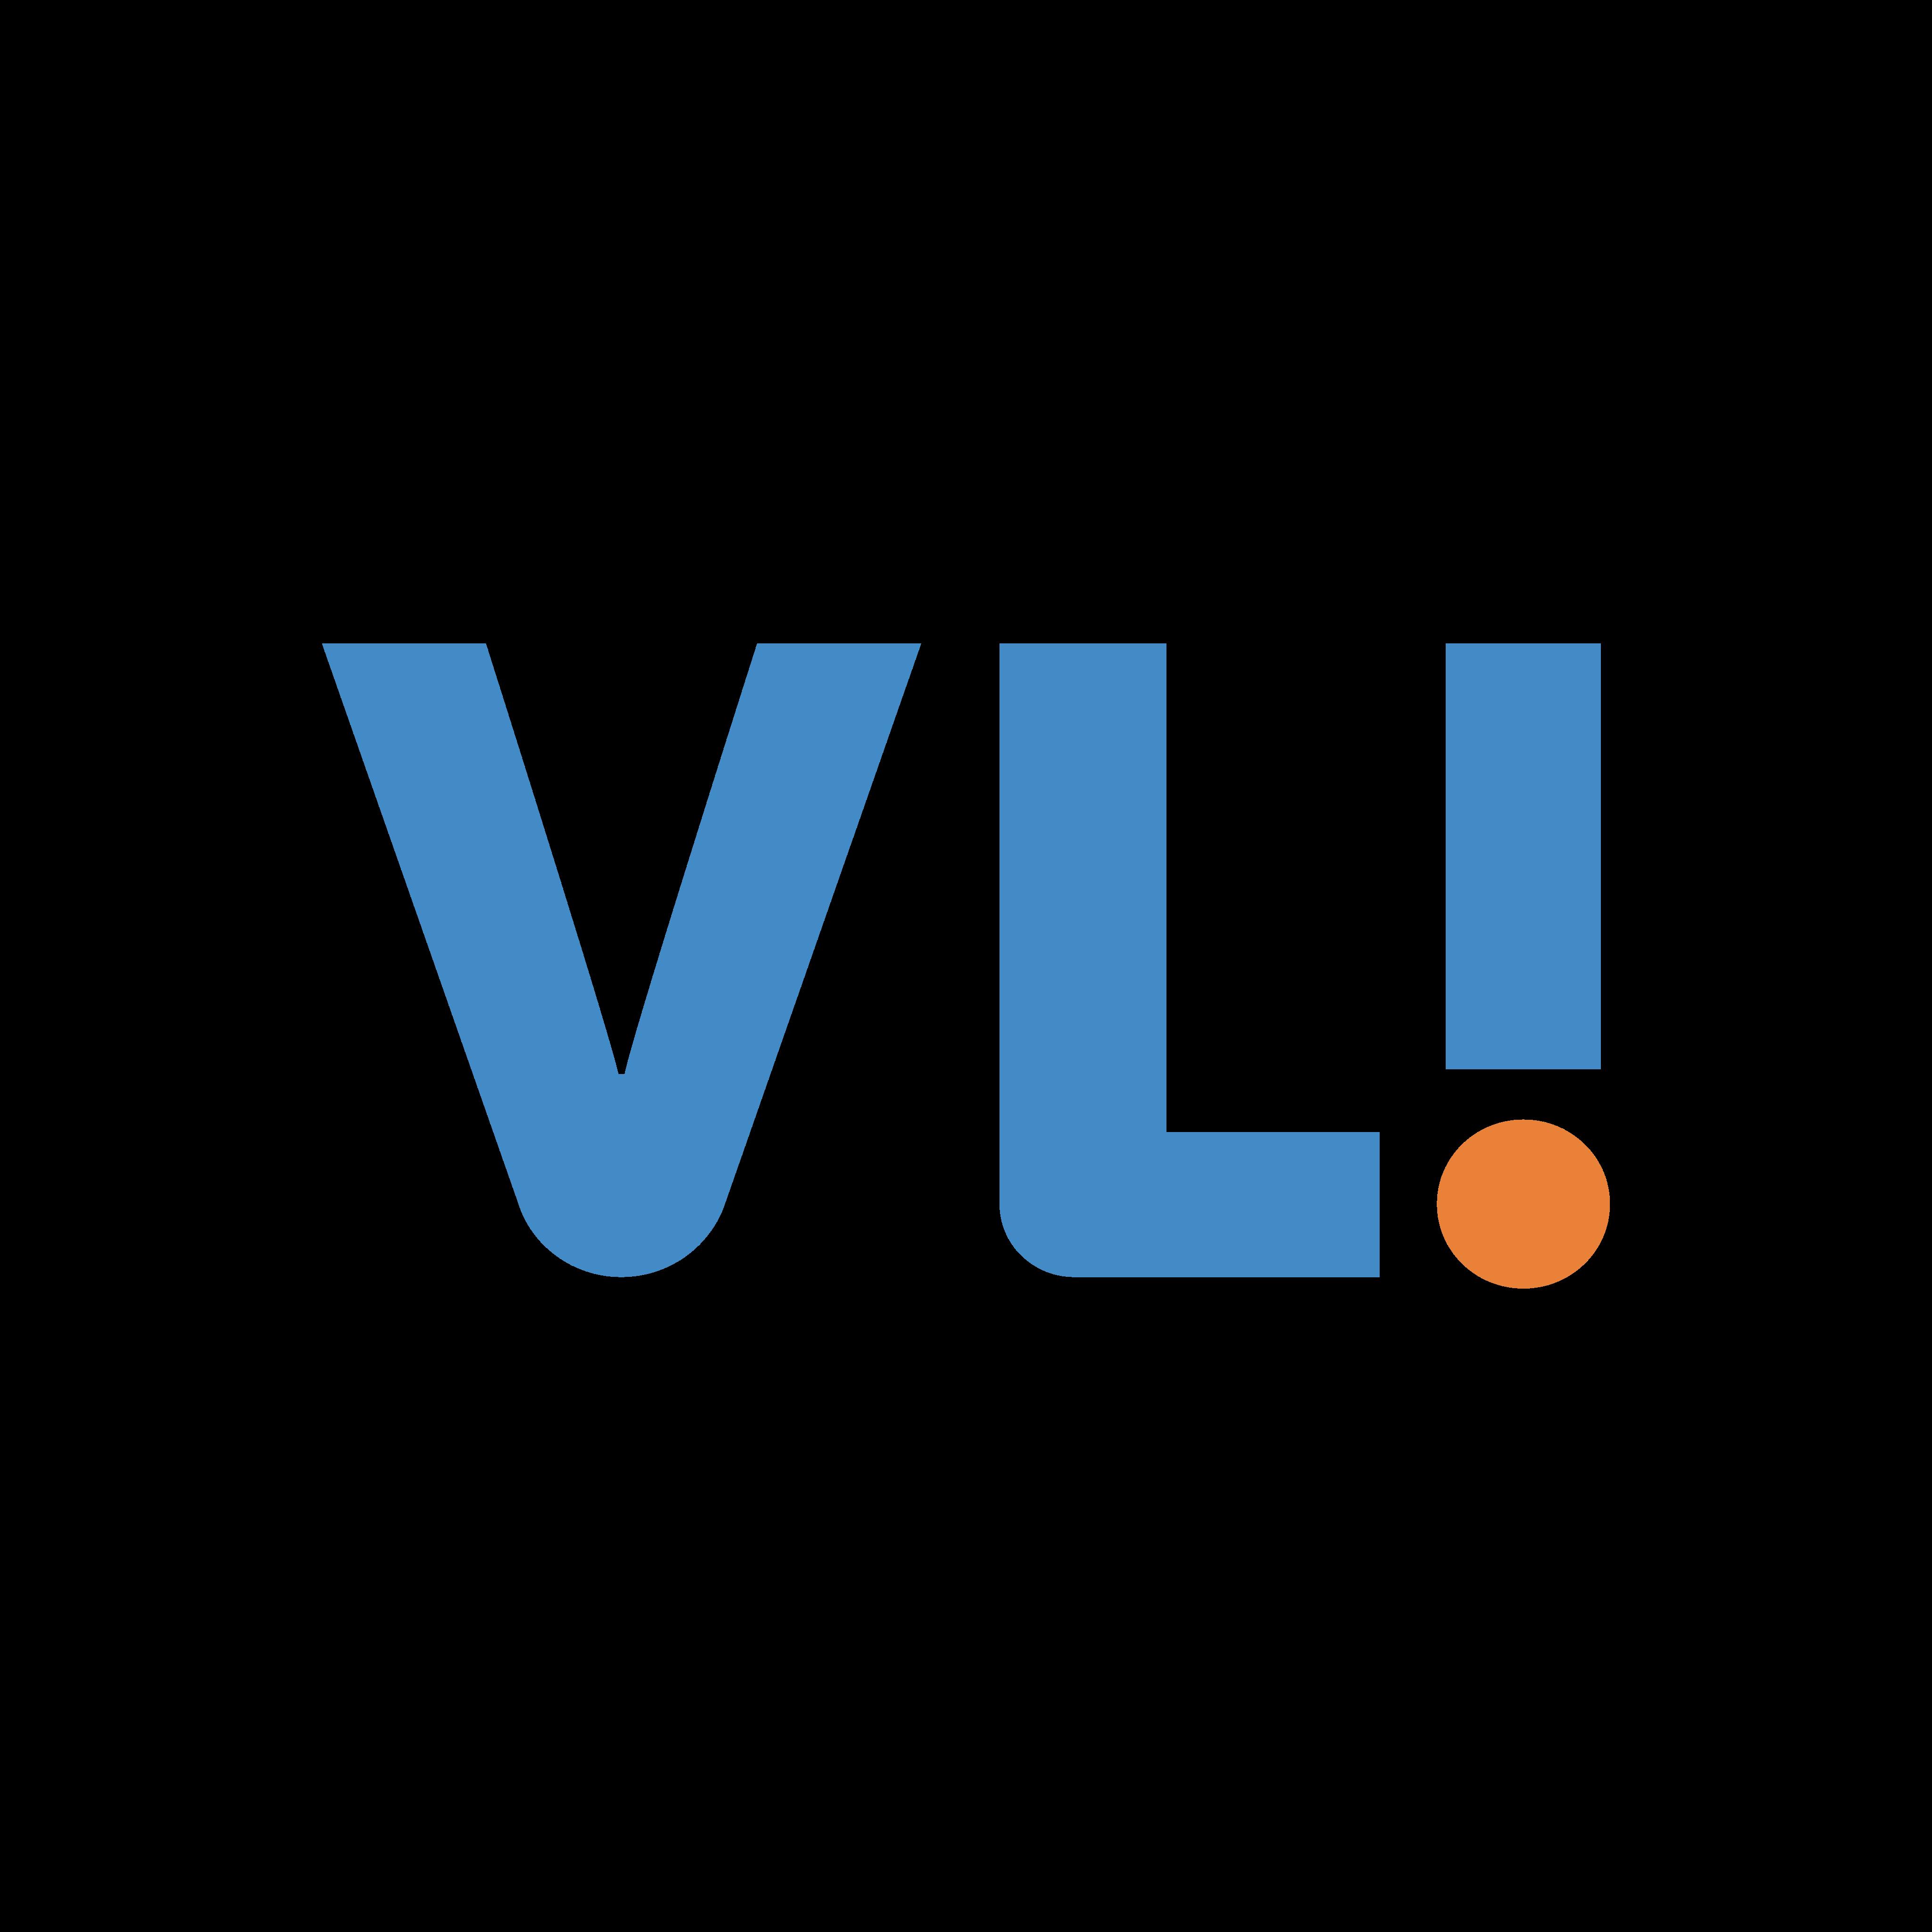 vli logistica logo 0 - VLI Logística Logo